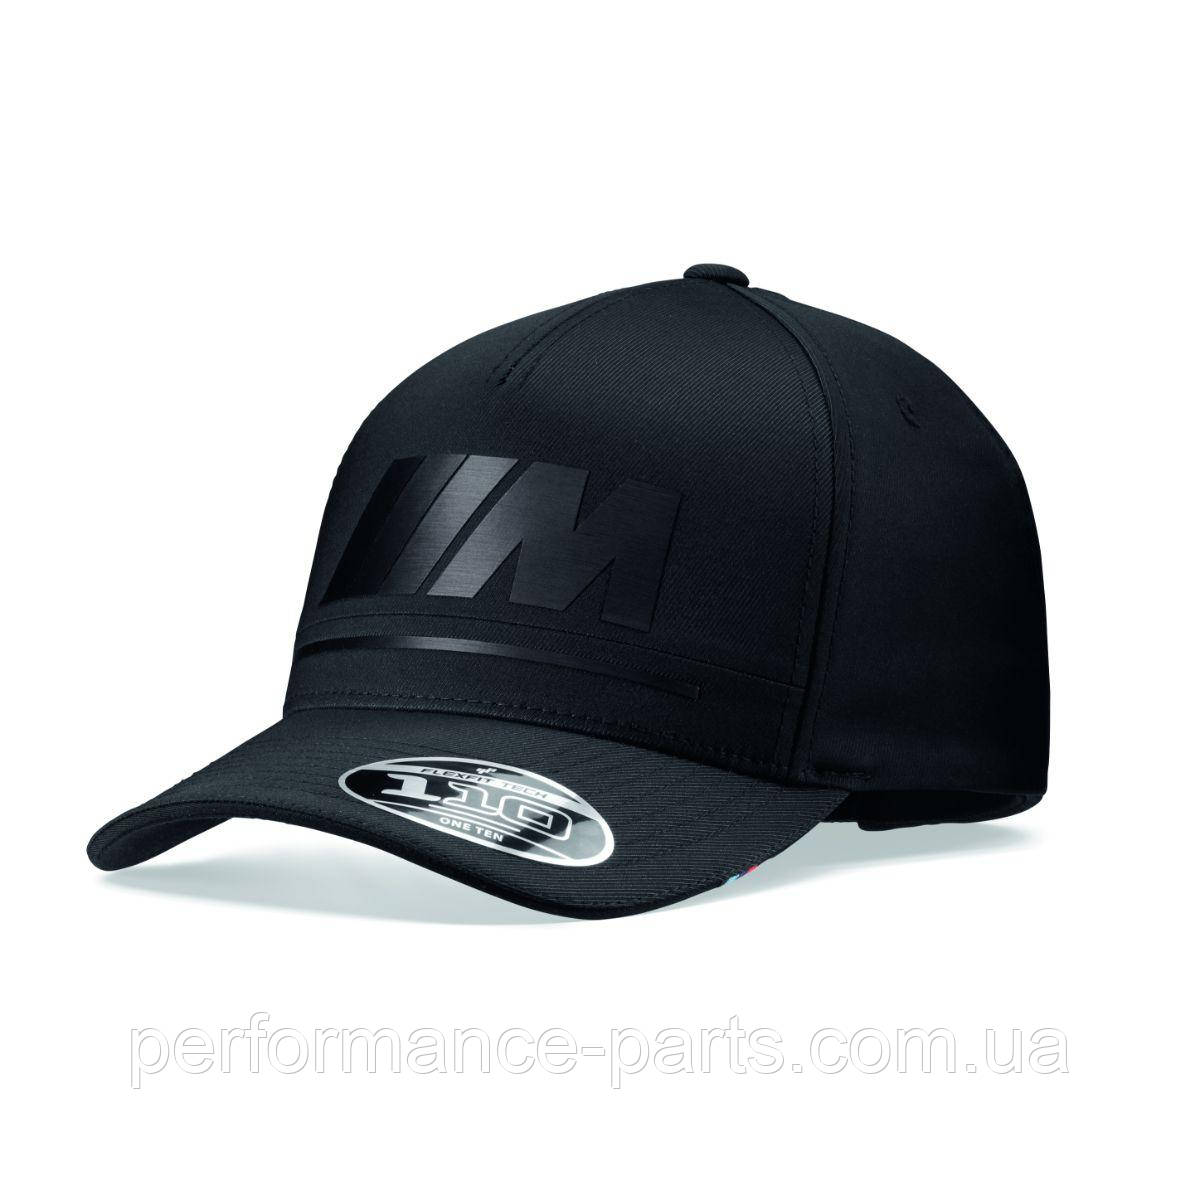 Бейсболка унисекс BMW M Logo Cap, Tonal Black, артикул 80162466301